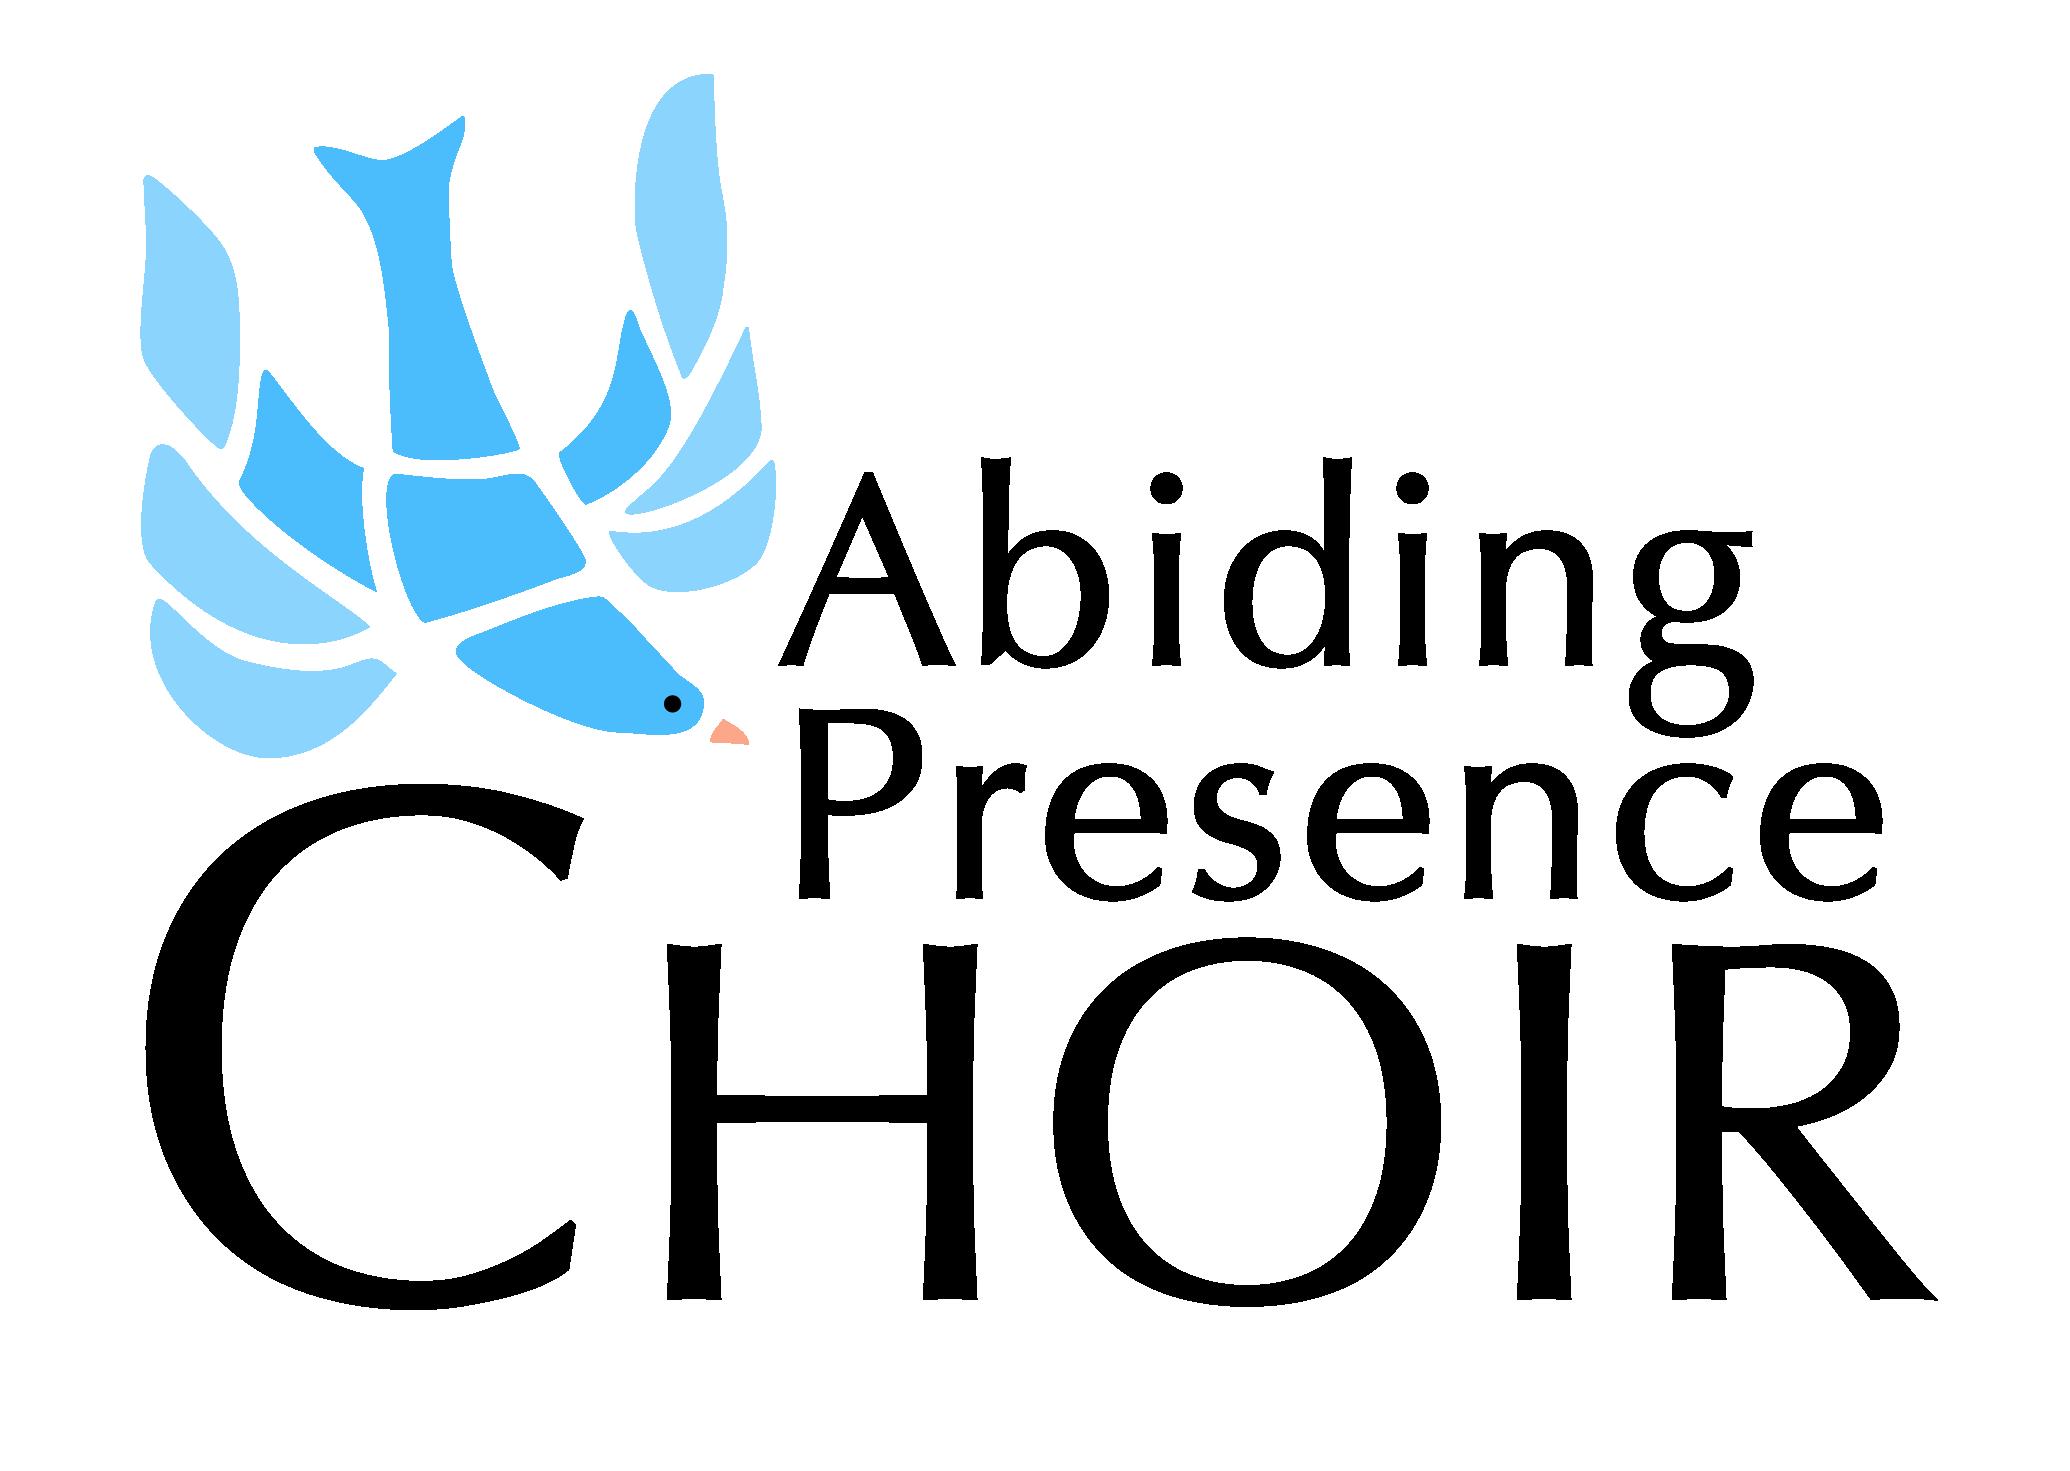 Abiding Presence Choir logo